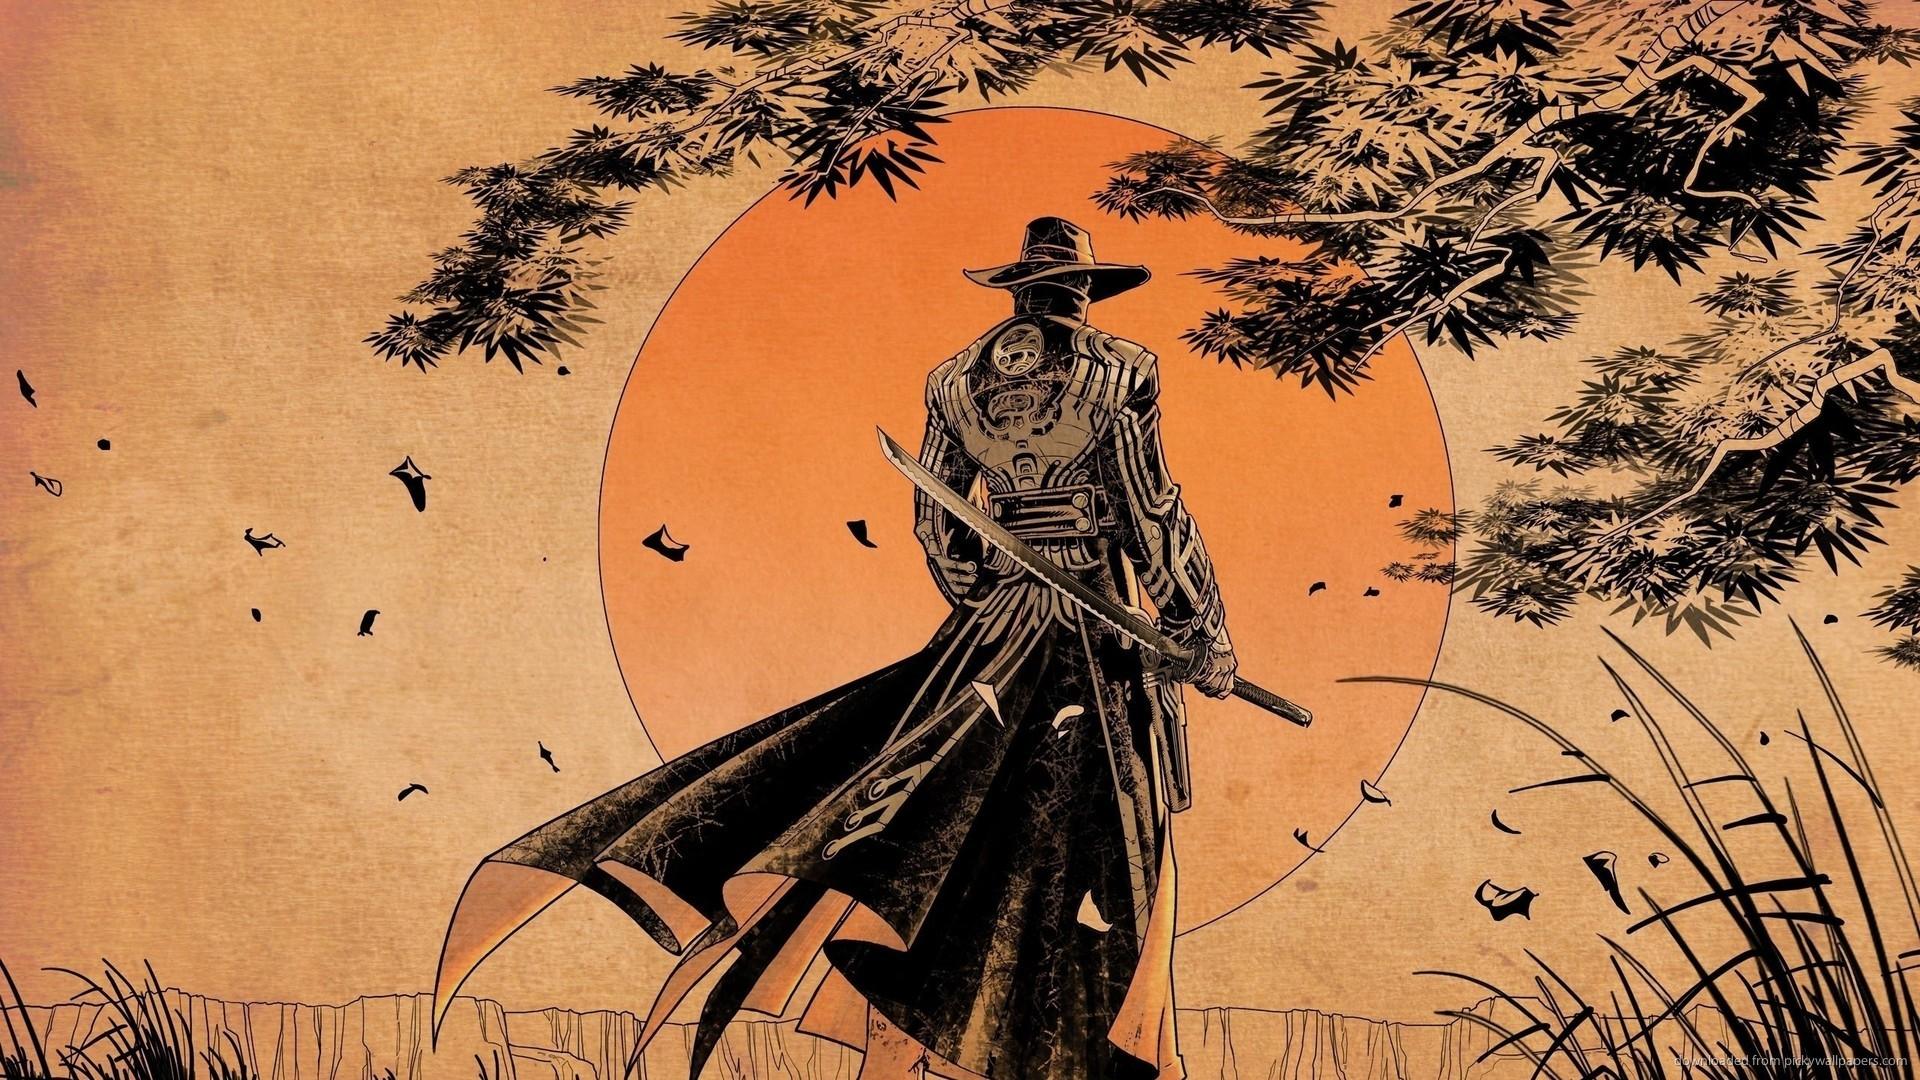 Samurai Sunset art for 1920×1080